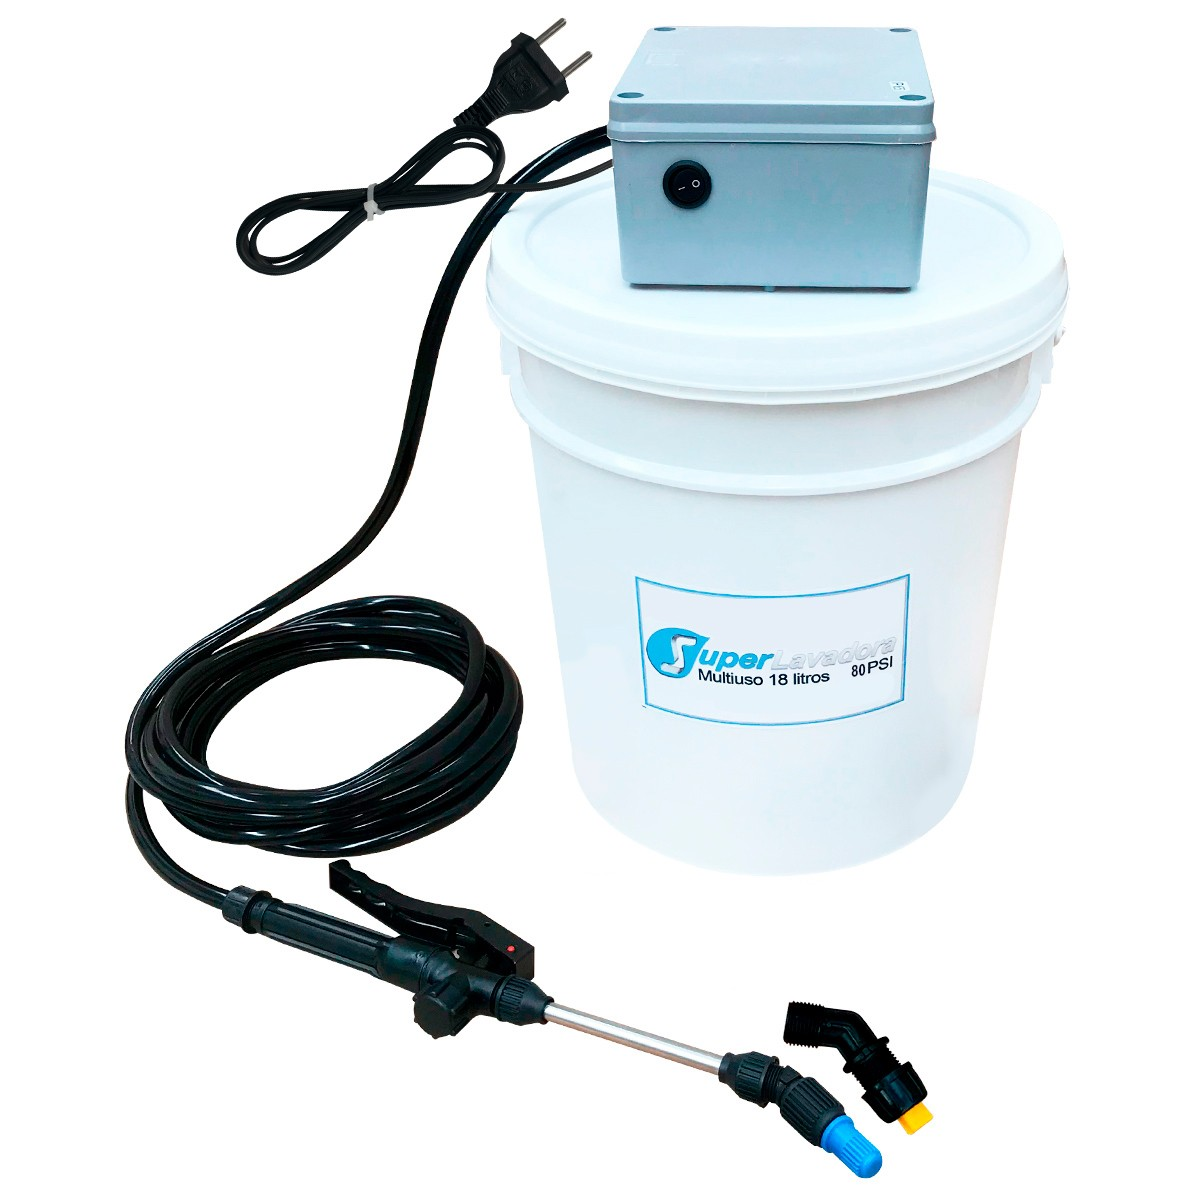 Lavadora Elétrica 18 Litros 80 PSI Com Carrinho